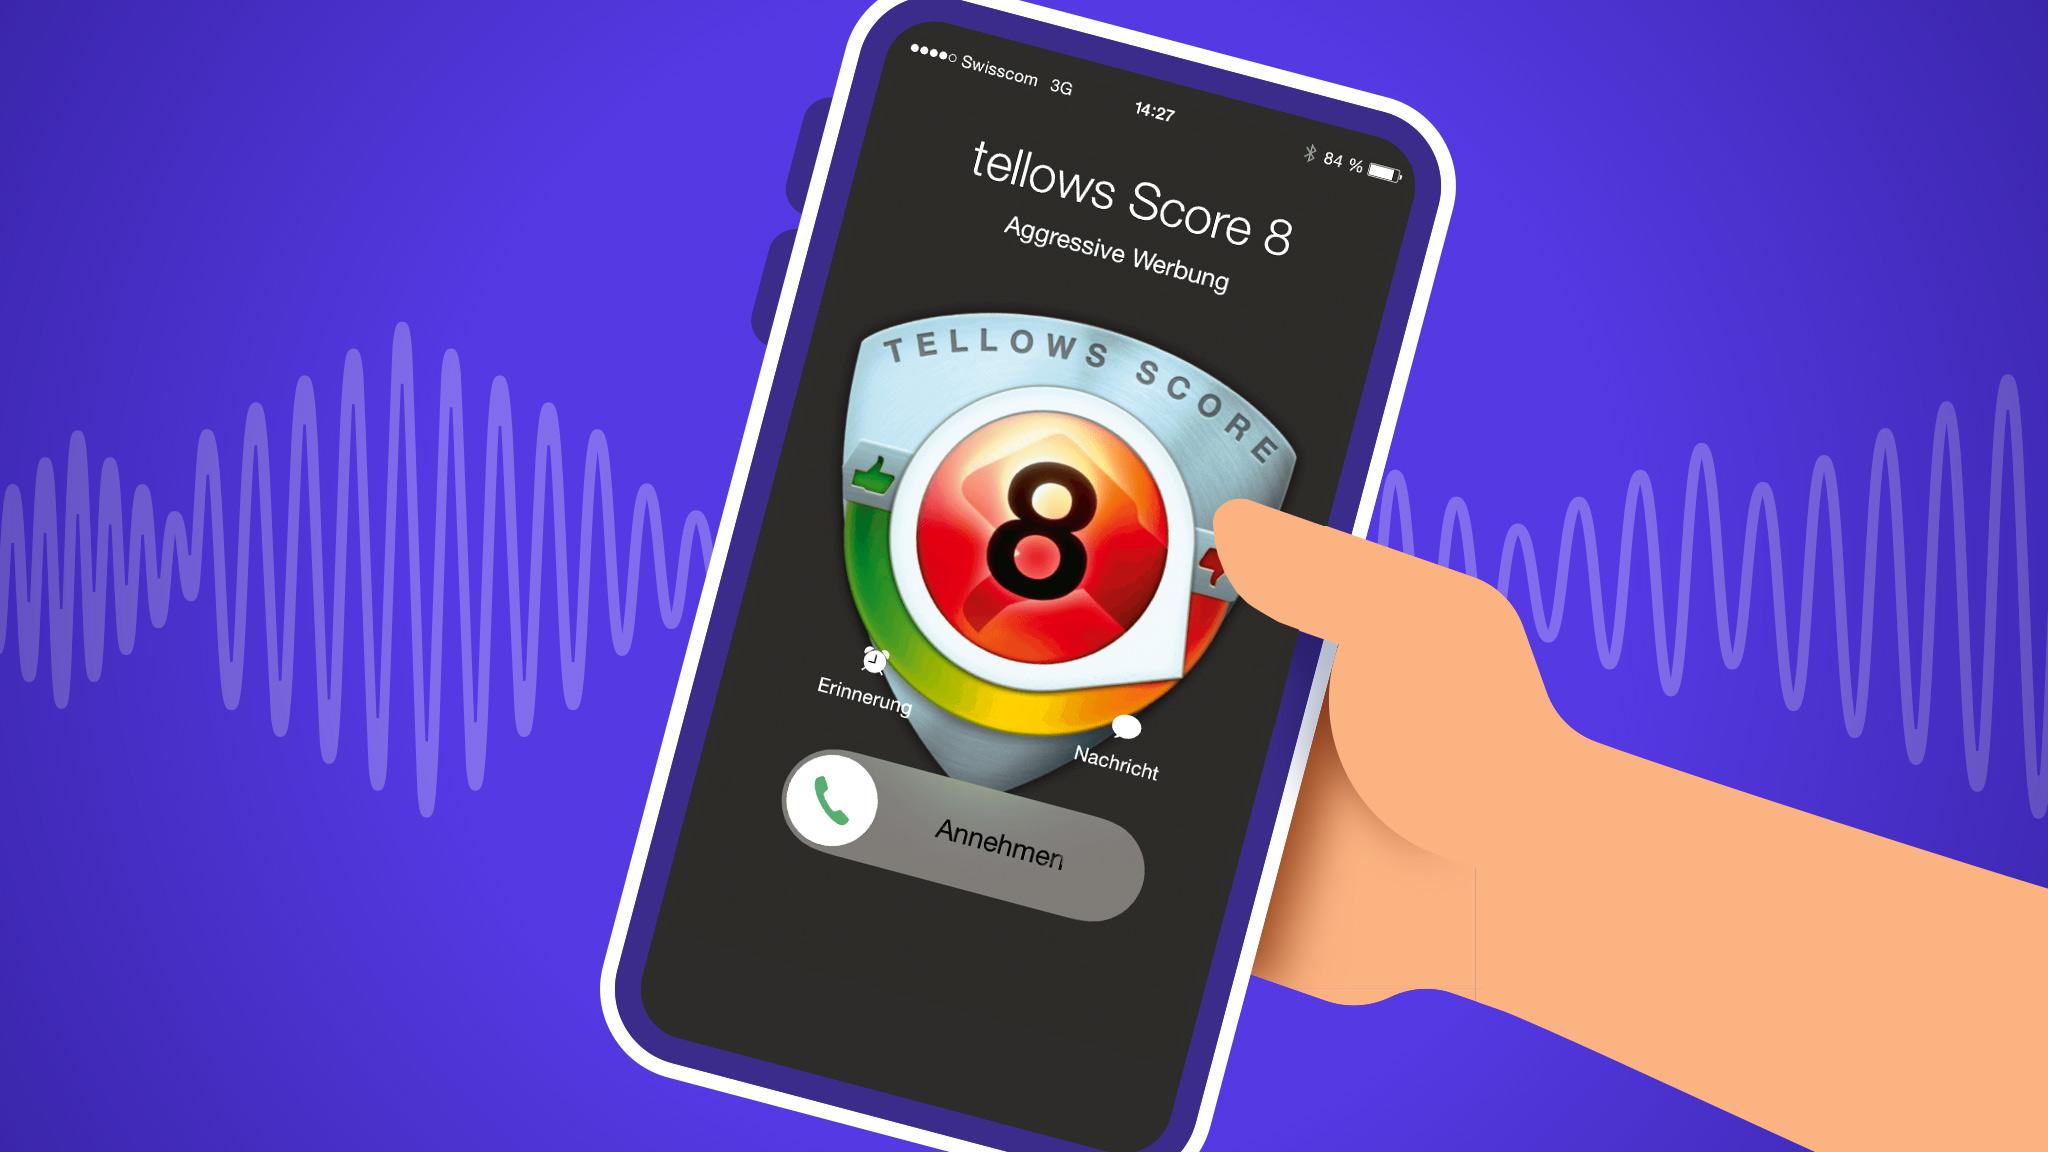 Tellows gratis: Blocken Sie Telefonterror!